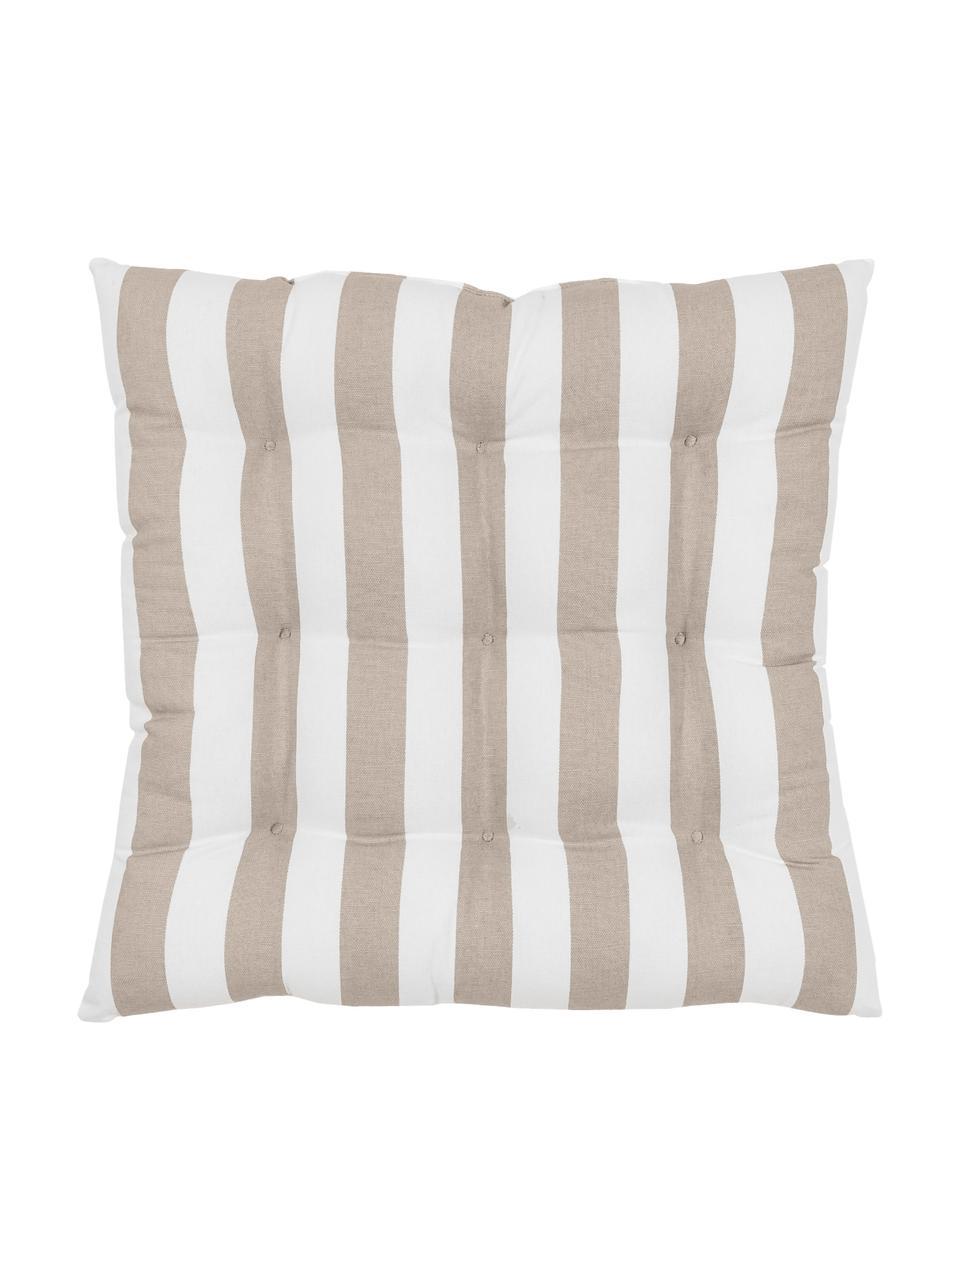 Poduszka na siedzisko Timon, Taupe, biały, S 40 x D 40 cm